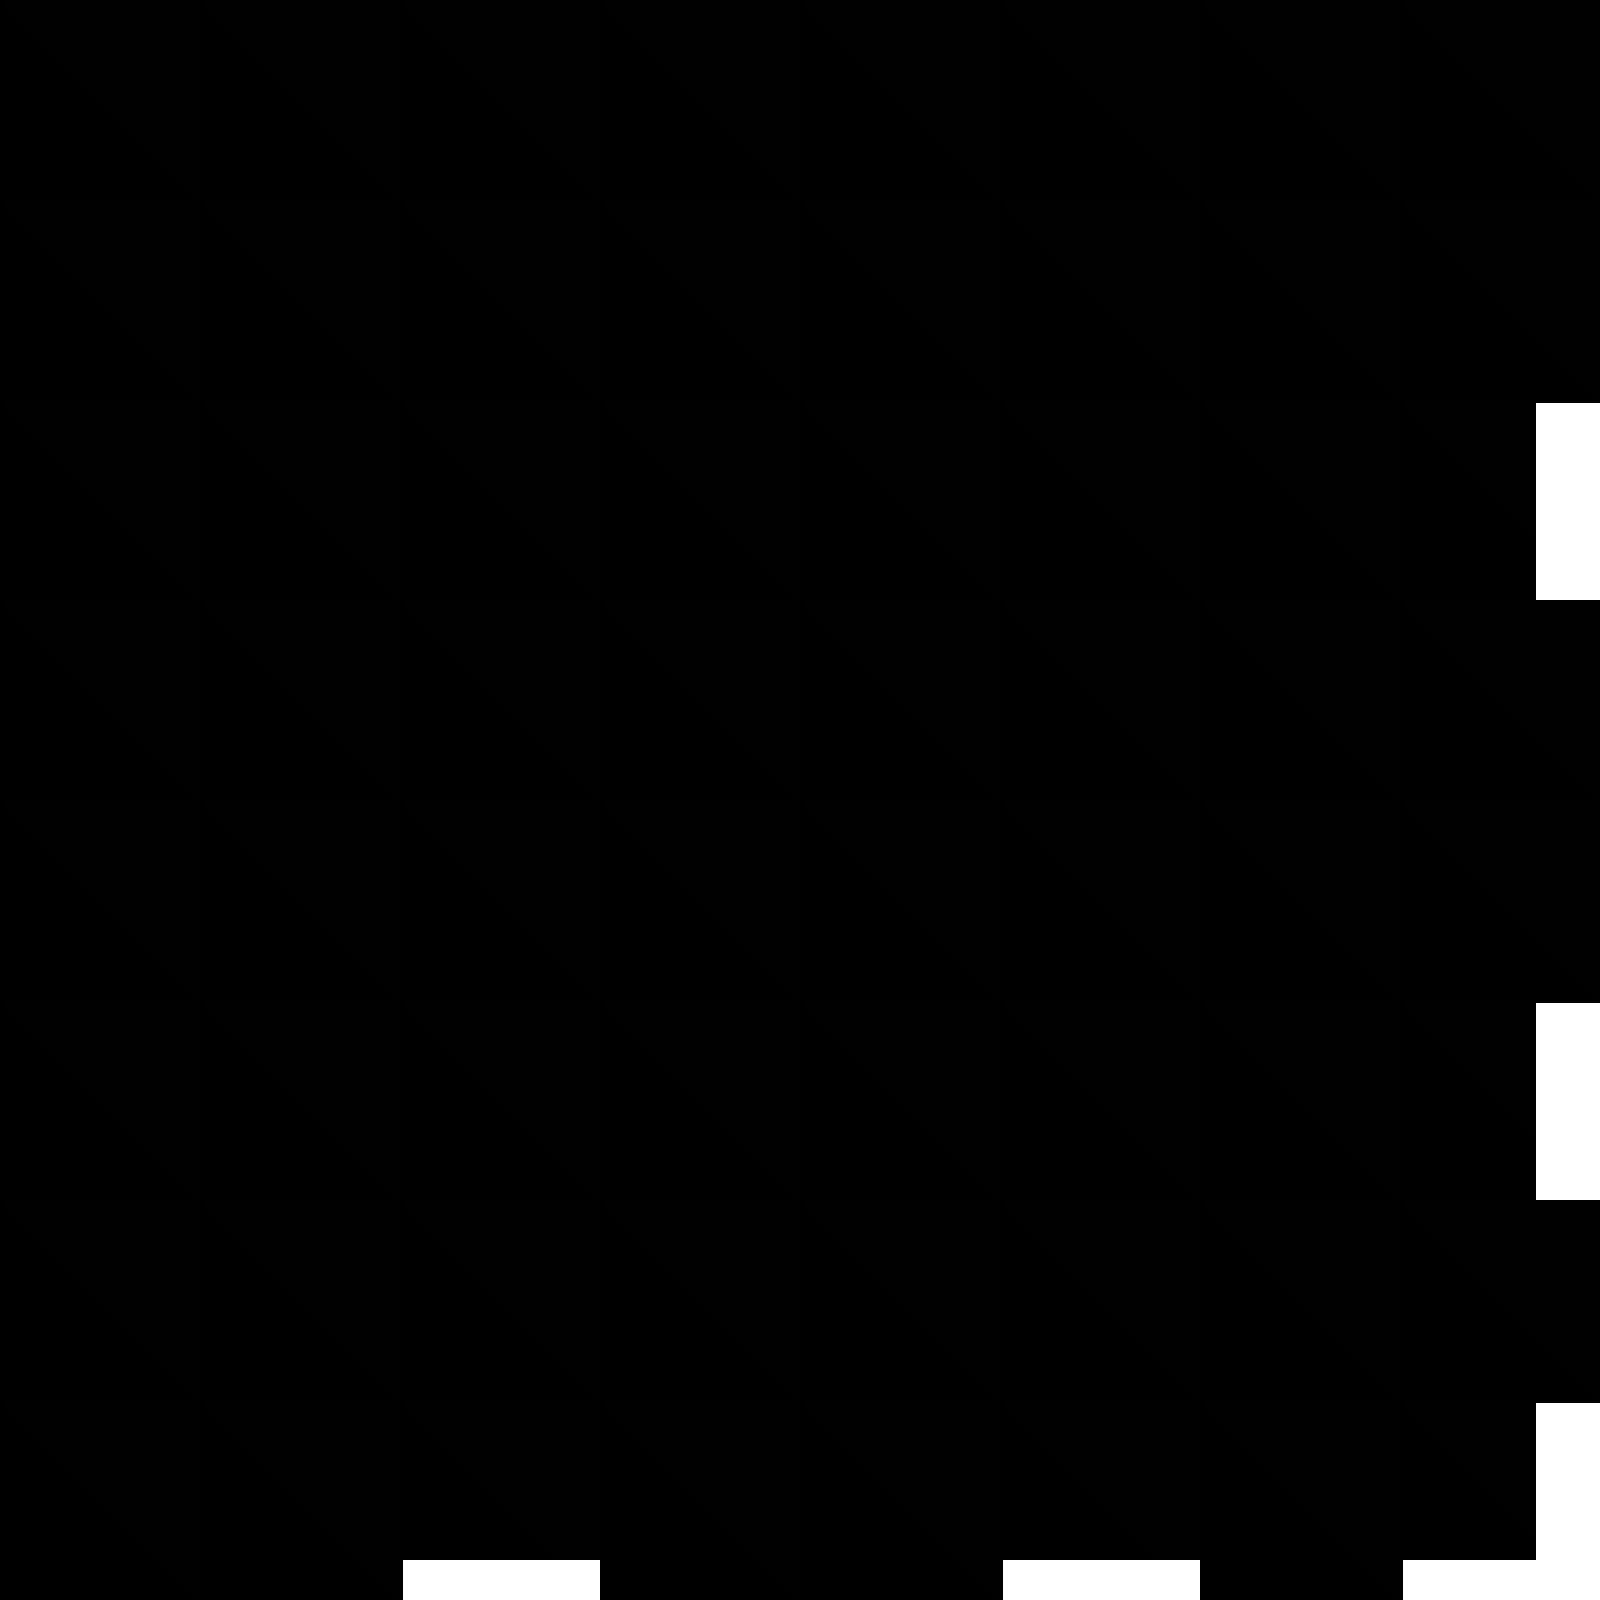 Dot Grid Png Transparent